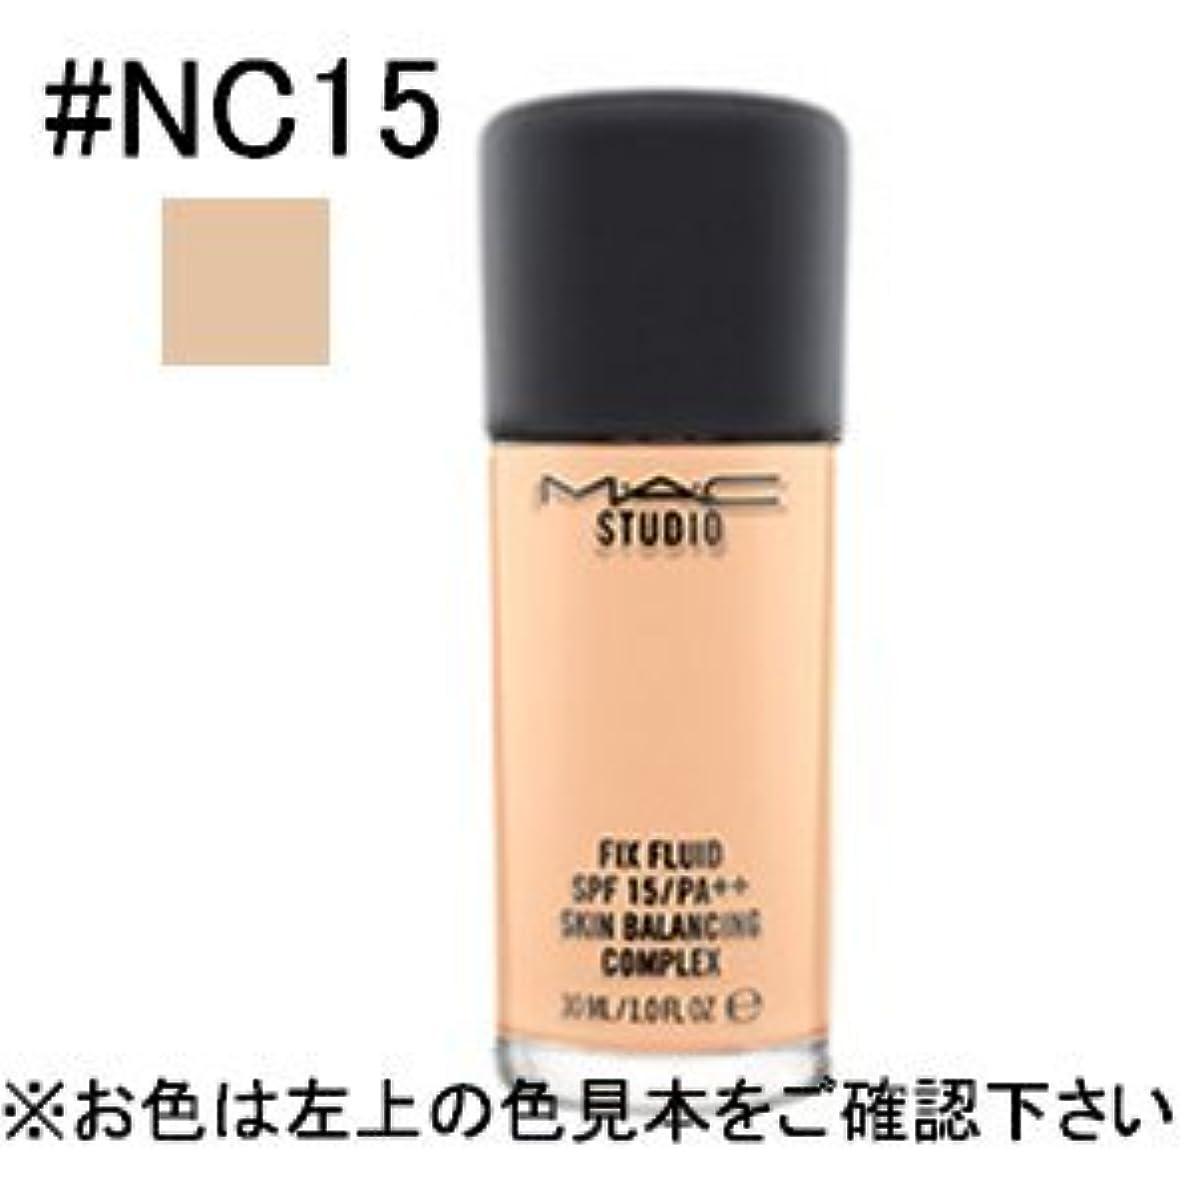 ローストスクラップ皮【MAC リキッドファンデーション】スタジオ フィックス フルイッド #NC15